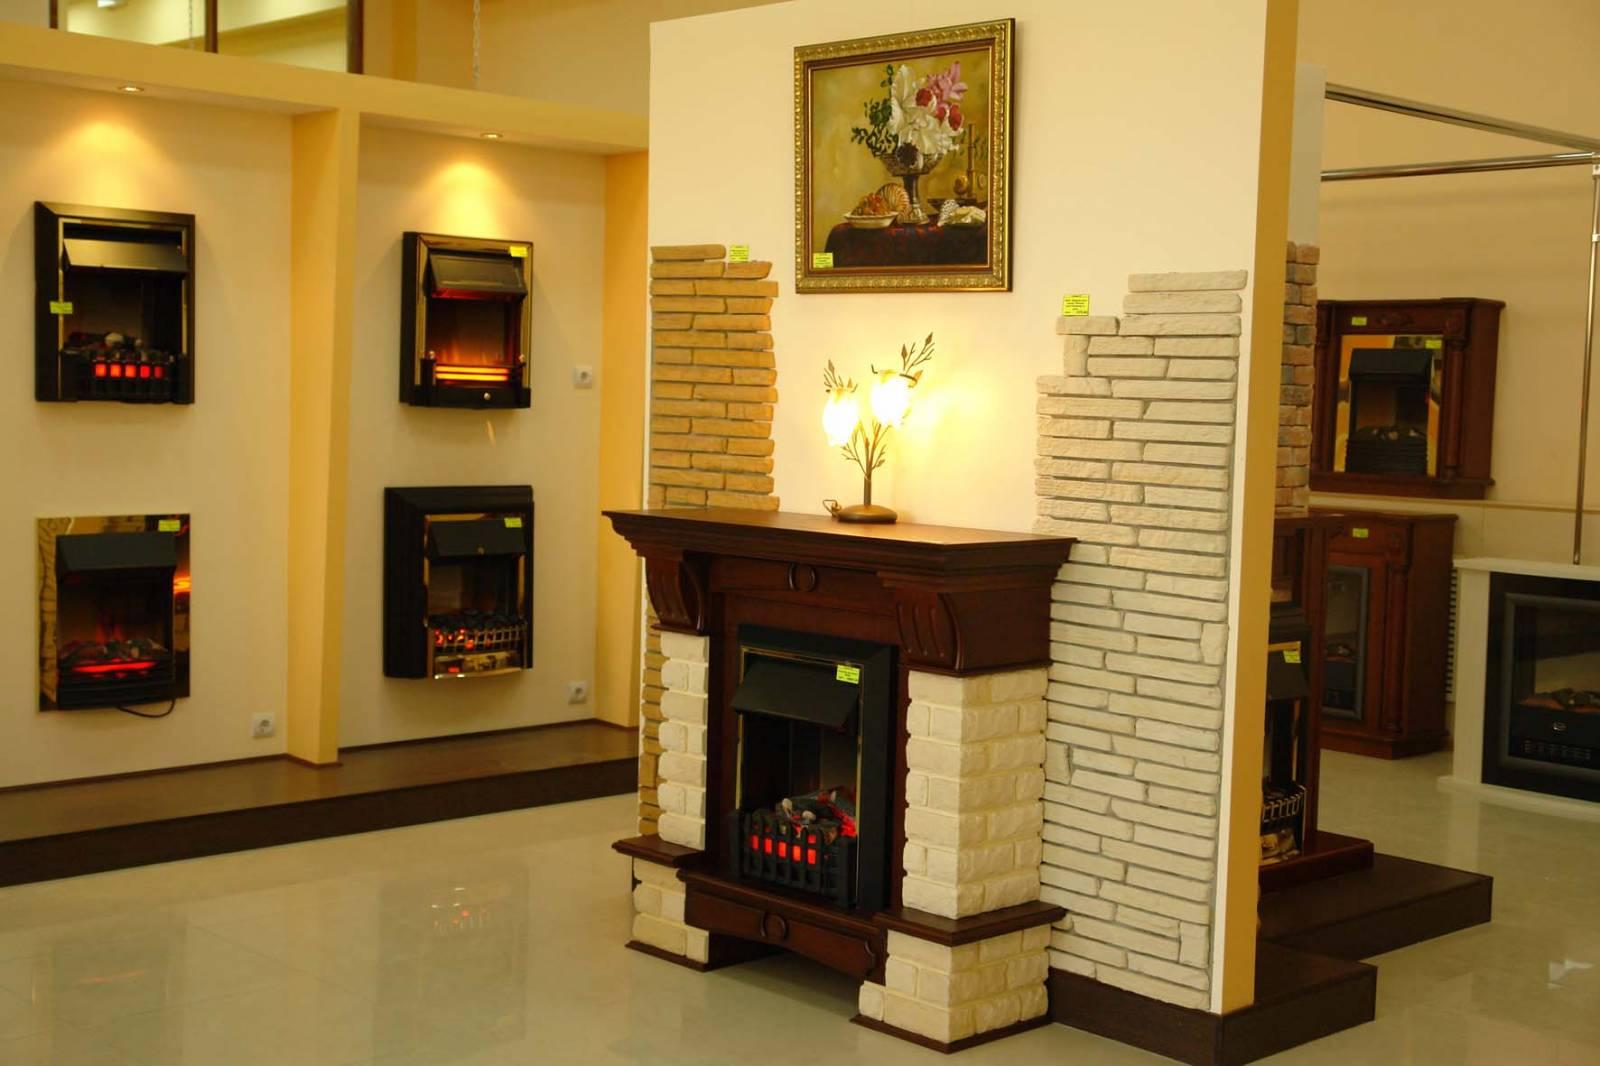 Декоративный камин в интерьере фото